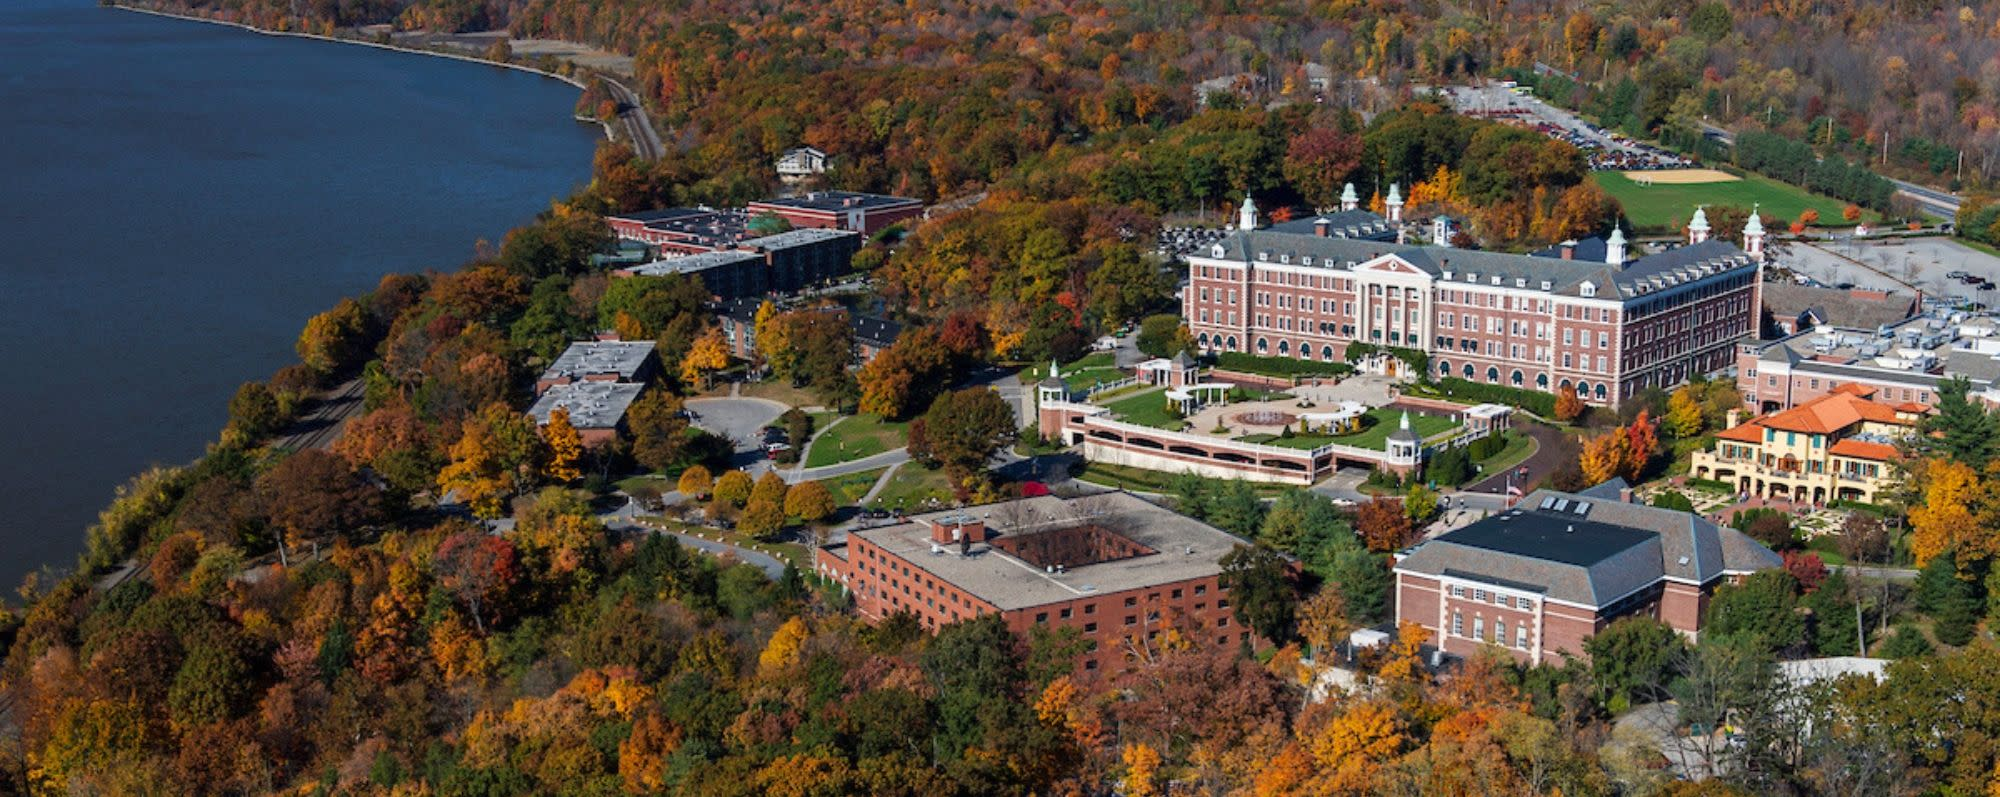 Culinary Institute of America - Fall